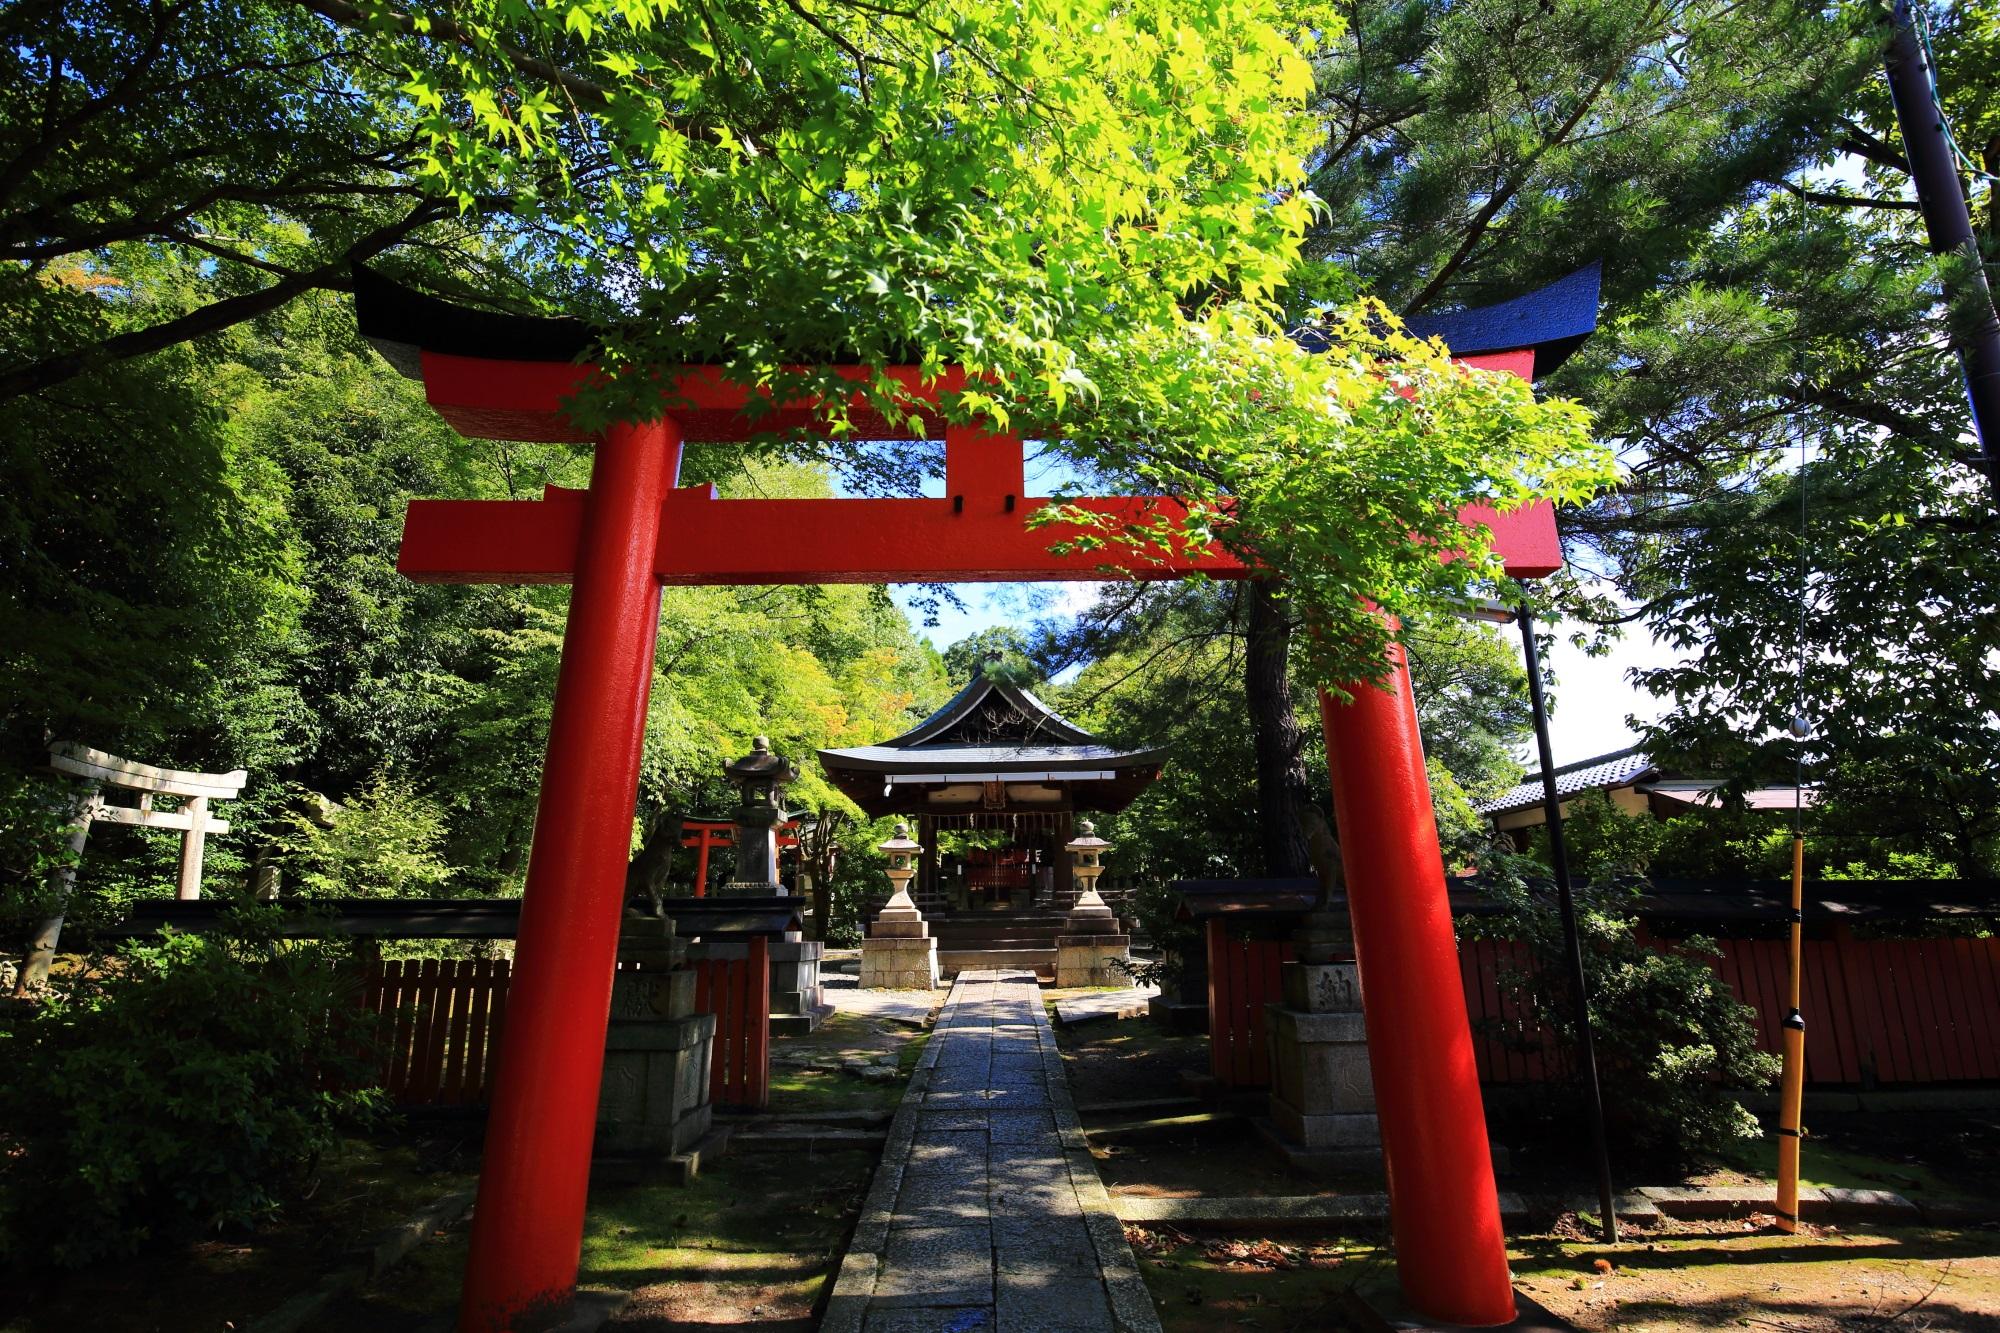 竹中稲荷神社の鮮やかな青もみじも綺麗な